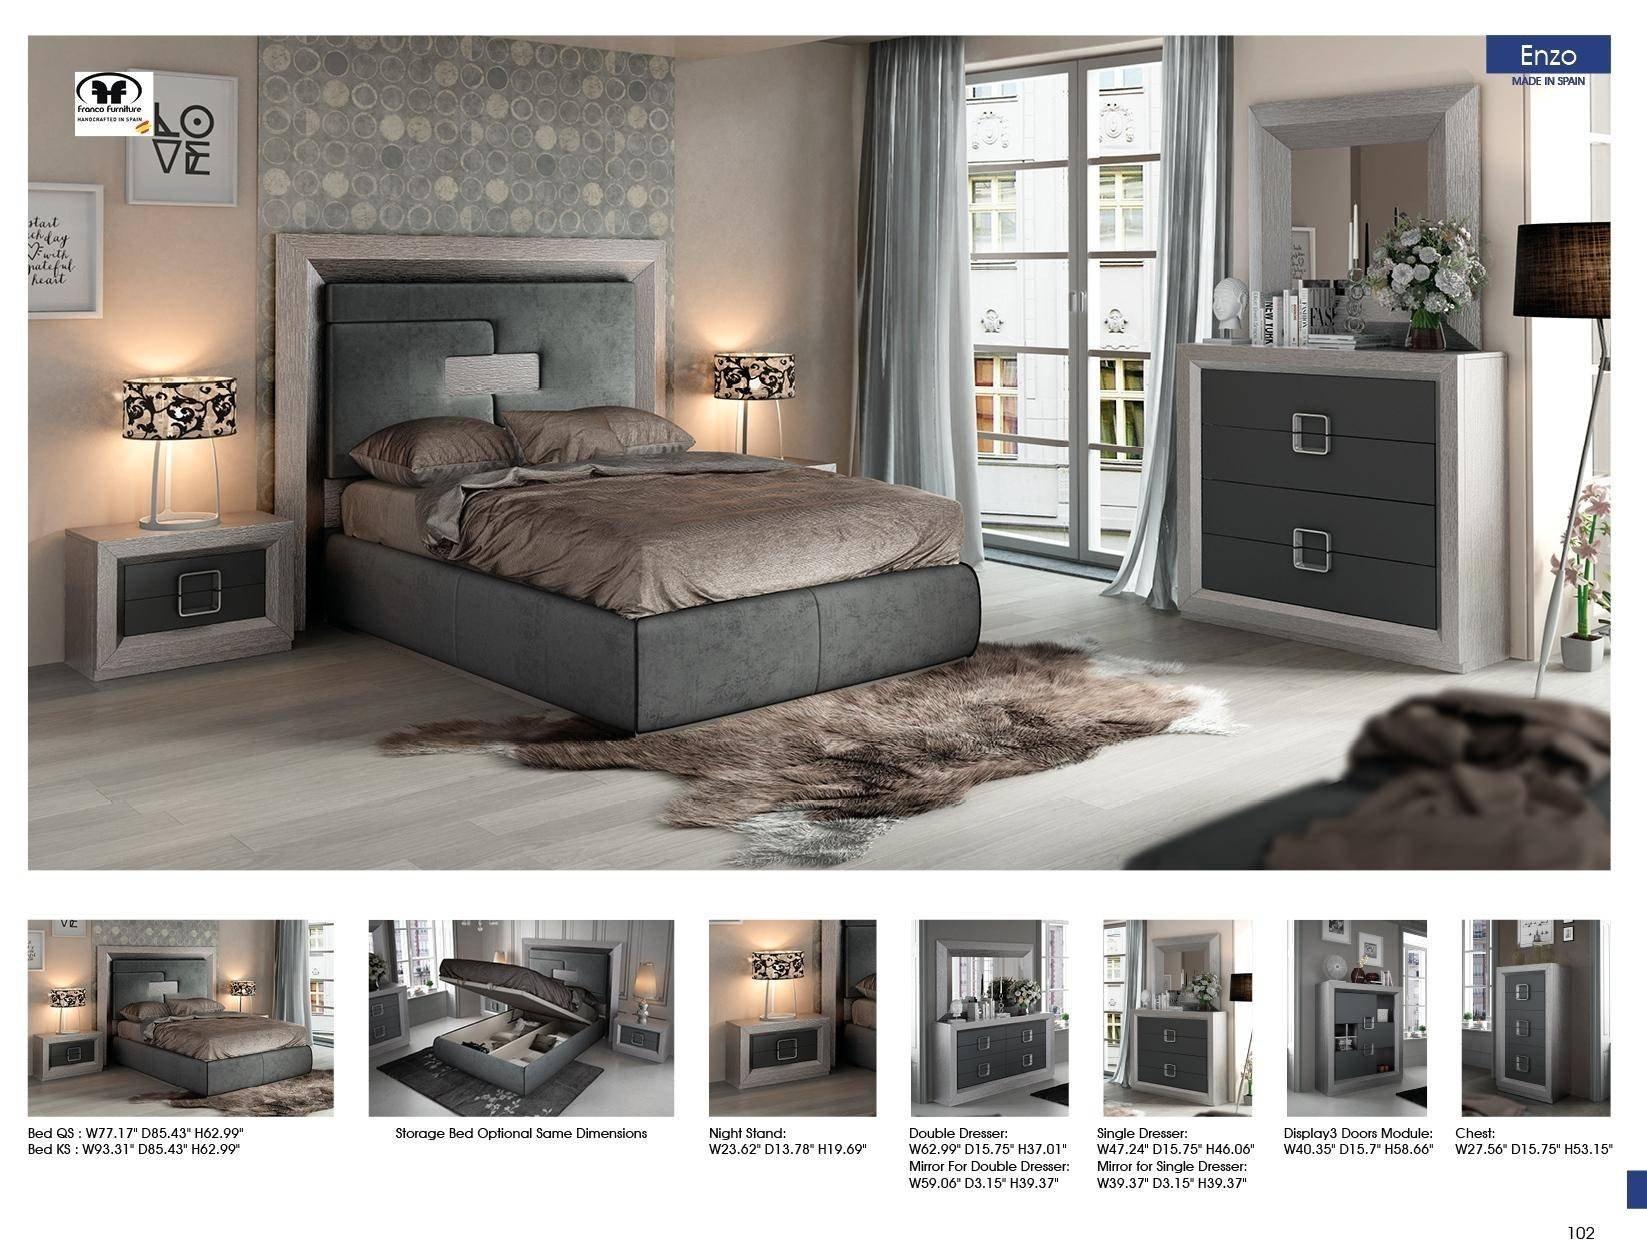 Queen Platform Bedroom Set Elegant Esf Enzo King Platform Bedroom Set 5 Pcs In Gray Fabric